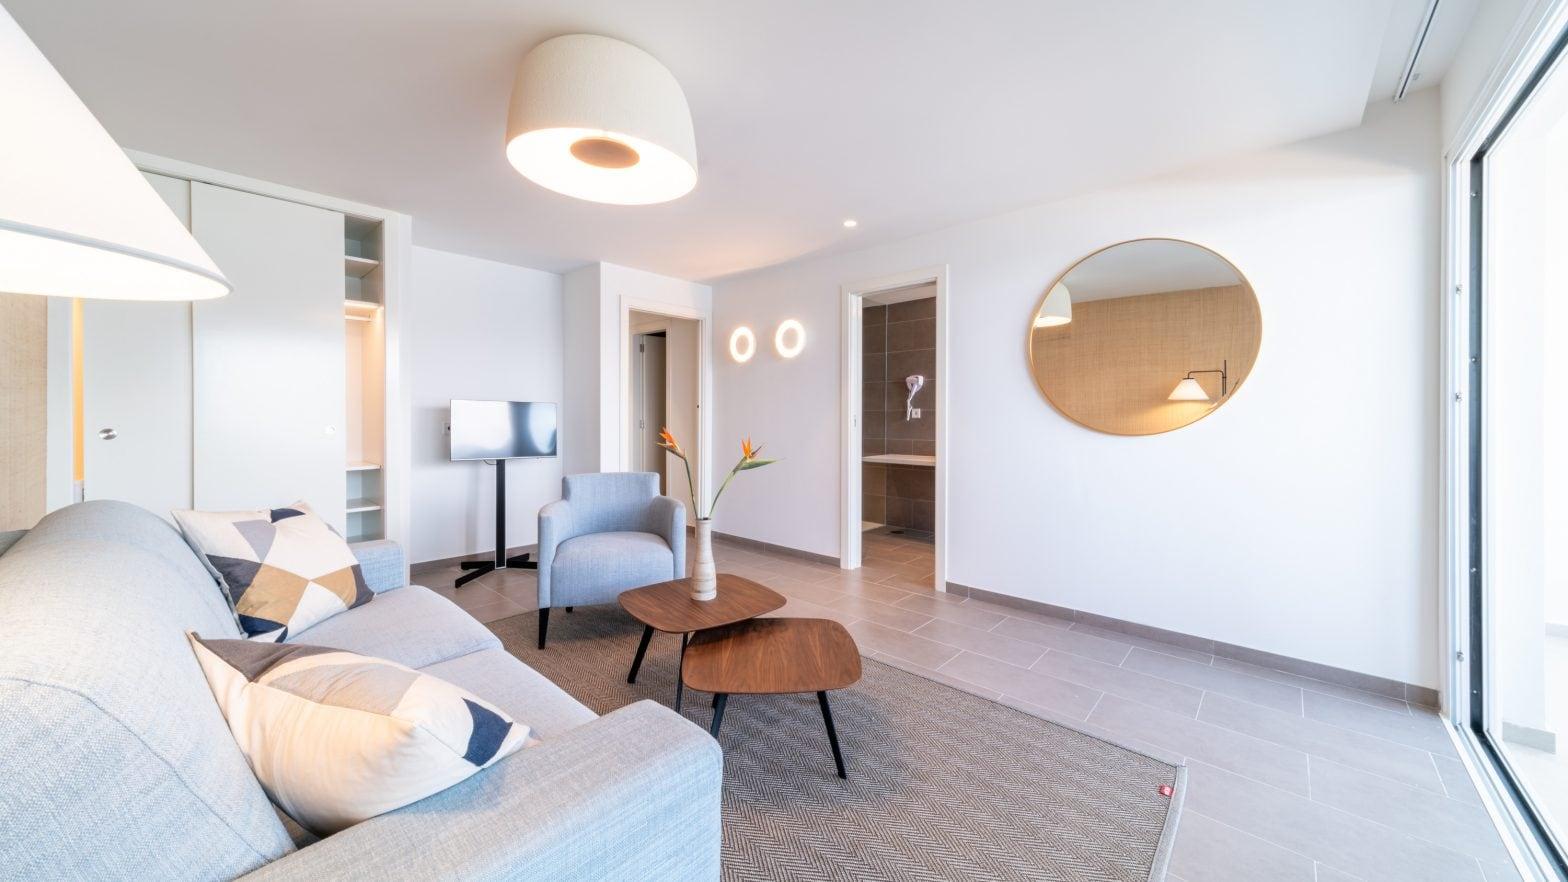 oceano-hotel-tenerife-designsuite-5